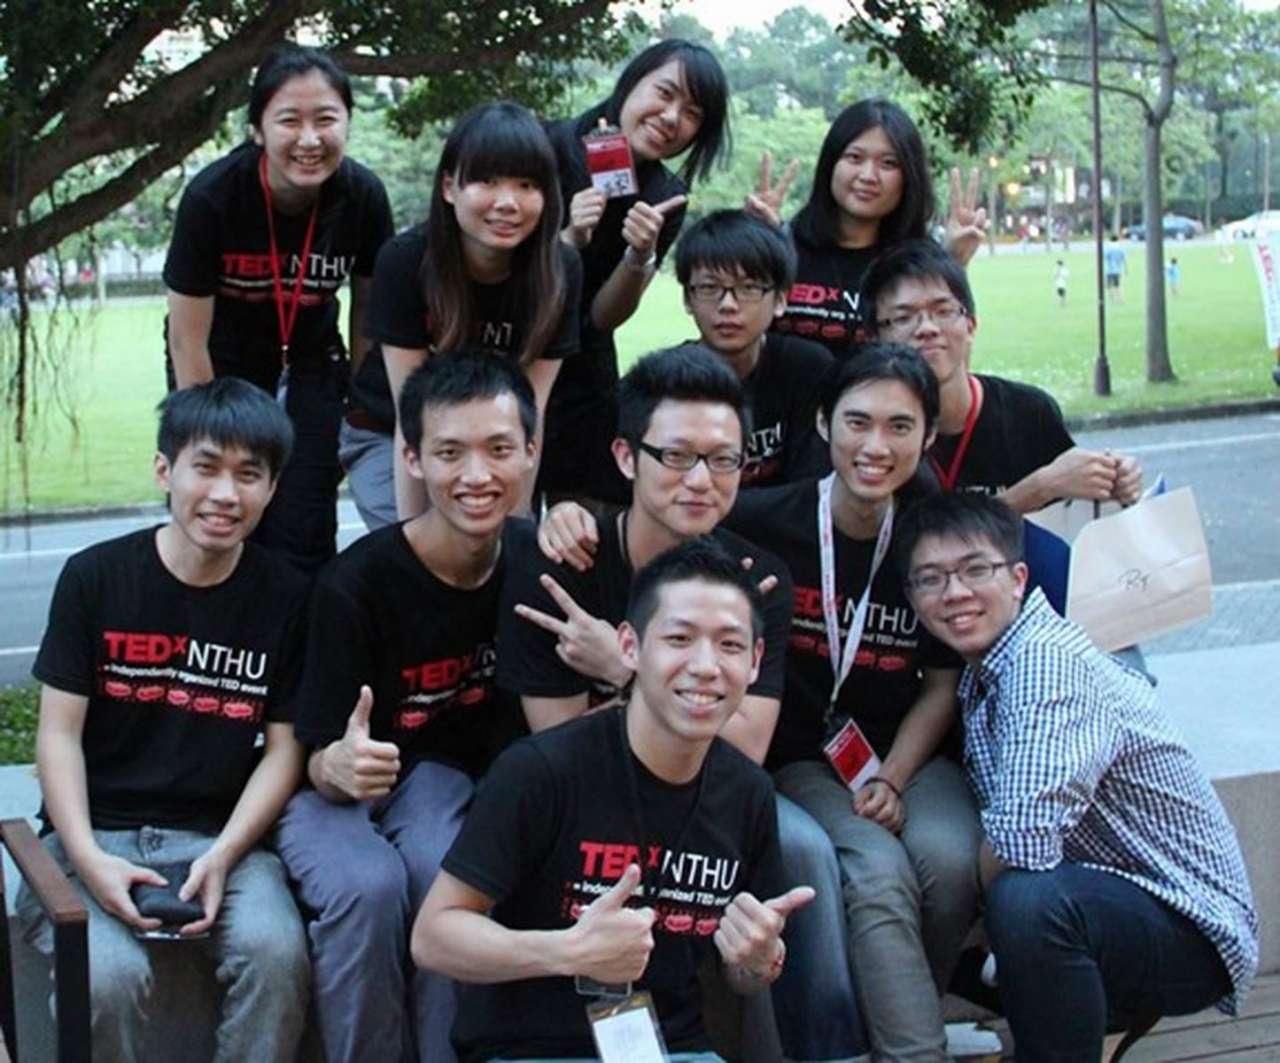 與其坐而言,不如起而行/專訪 TEDxNTHU(清華)策展人邱駿 & 陳奕勳